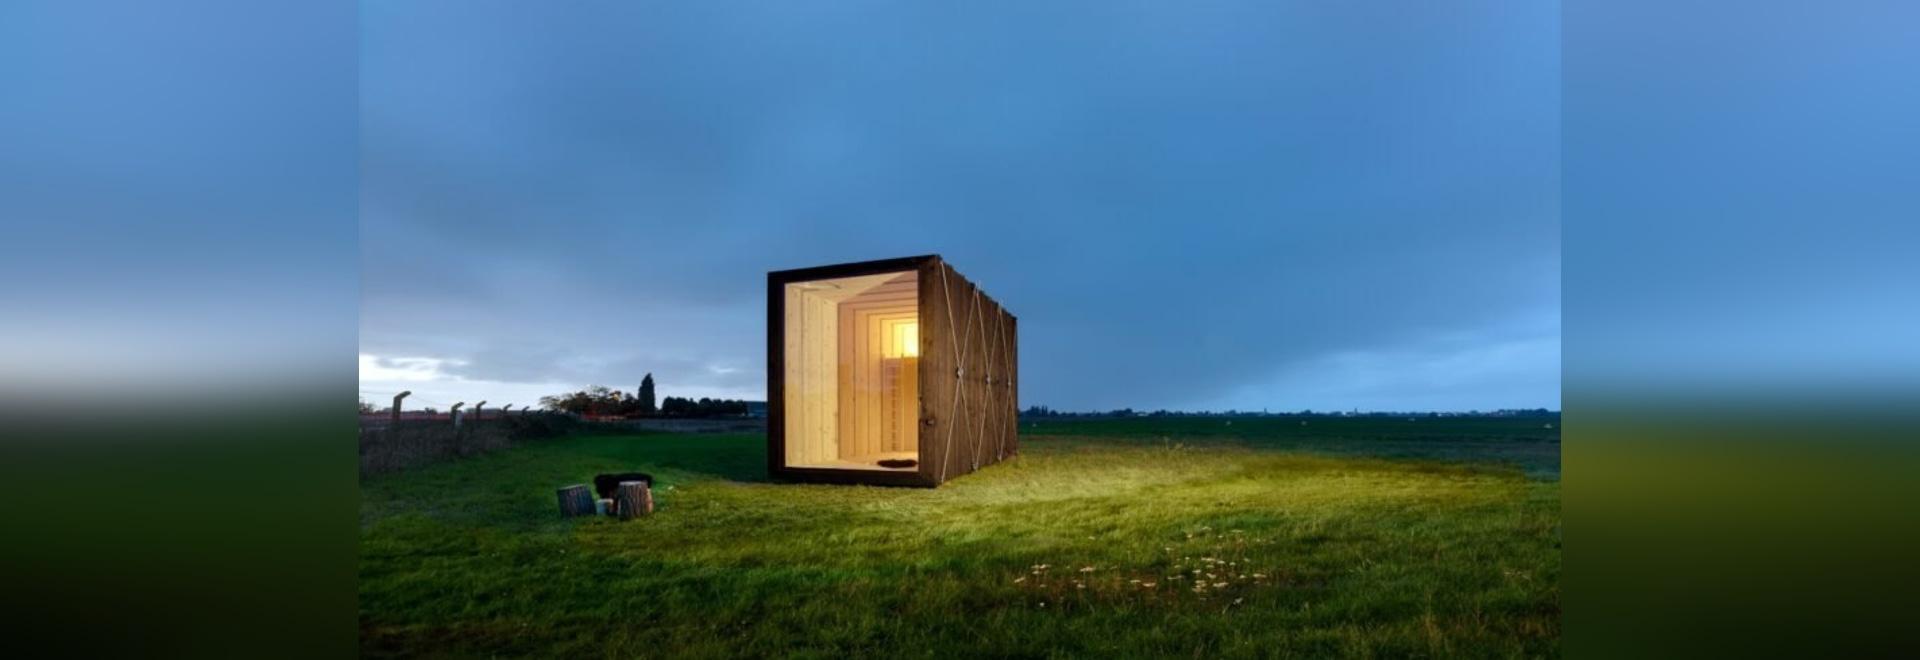 Minimalista, la cabina minuscola in legno massiccio è di soli 129 piedi quadrati